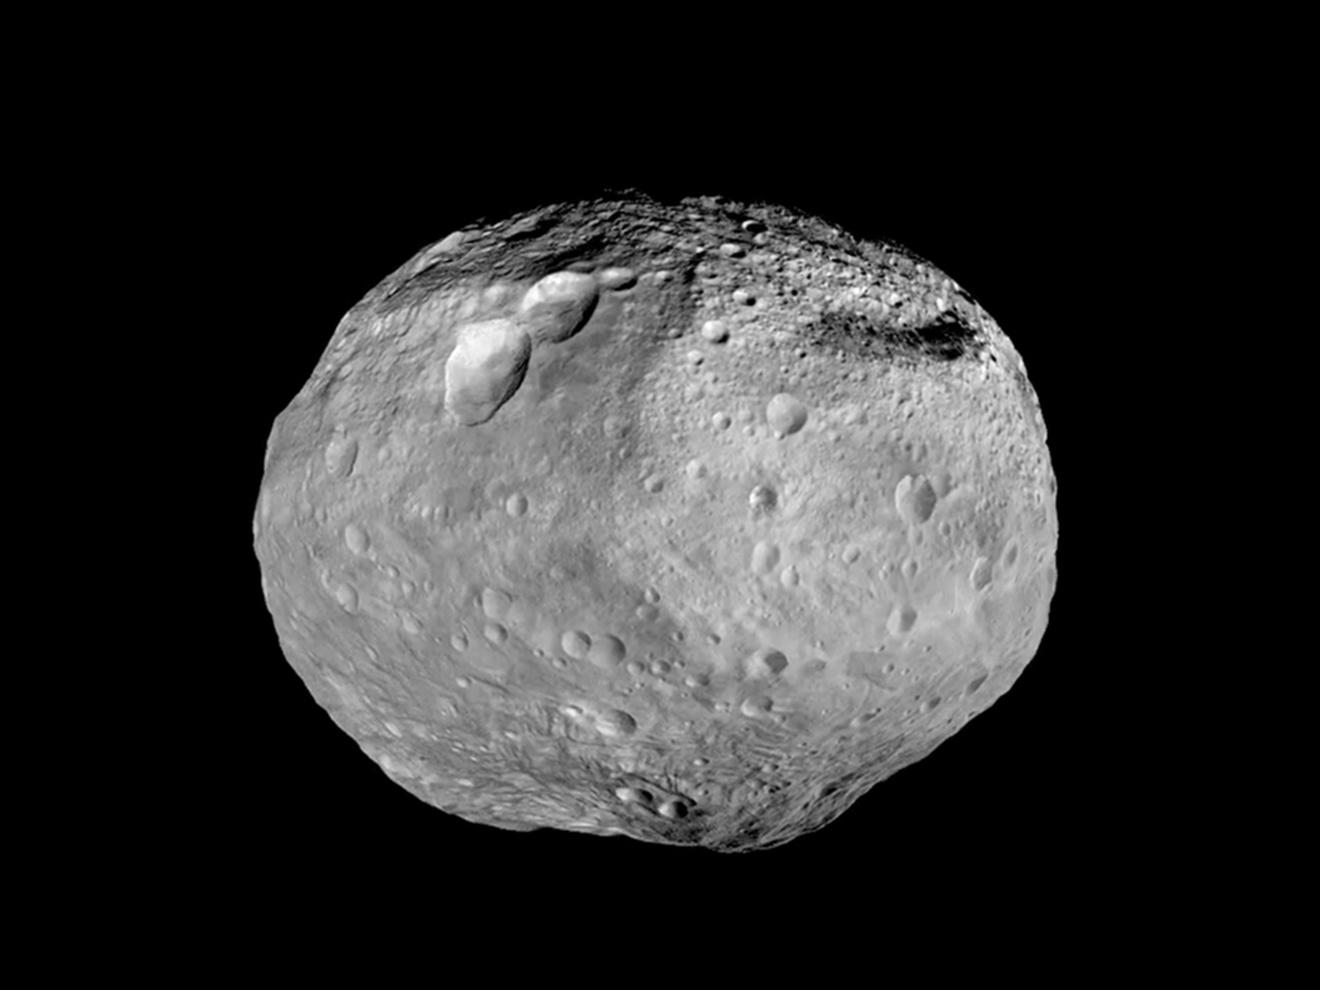 準惑星ケレスには豊富な氷があり、かつて生命が存在した可能性がある